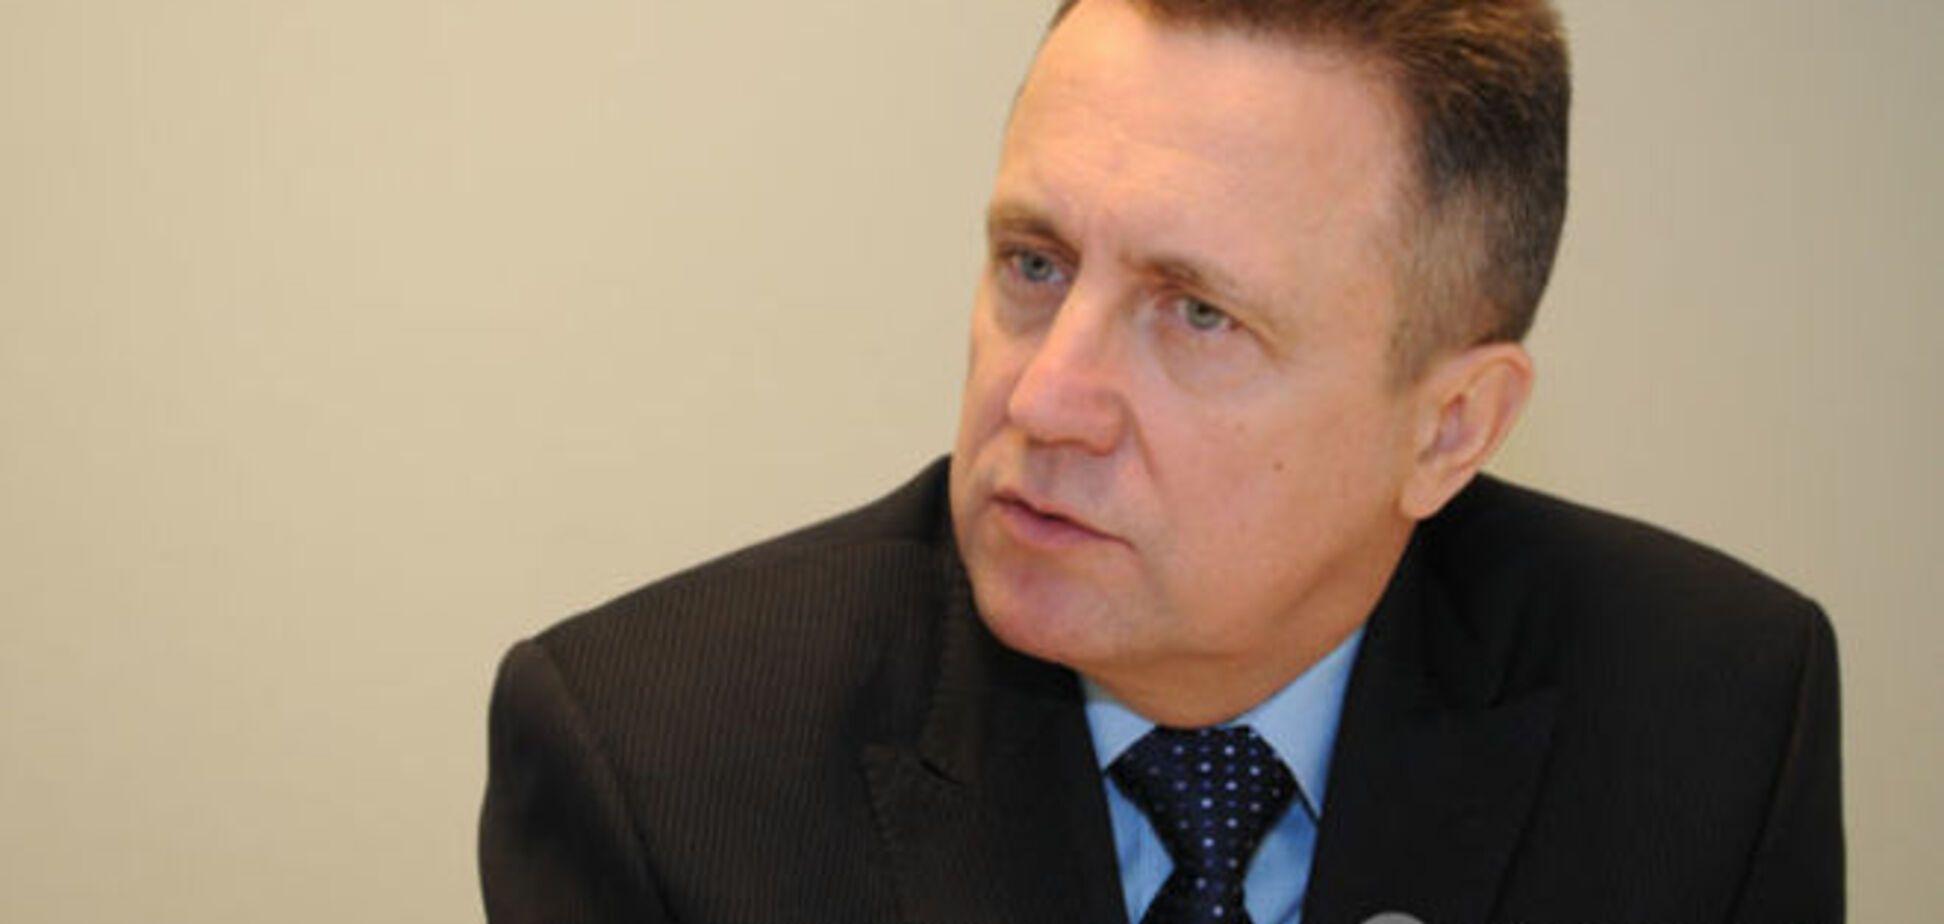 Адмирал Кабаненко: НАТО и Украина могут расширить сотрудничество